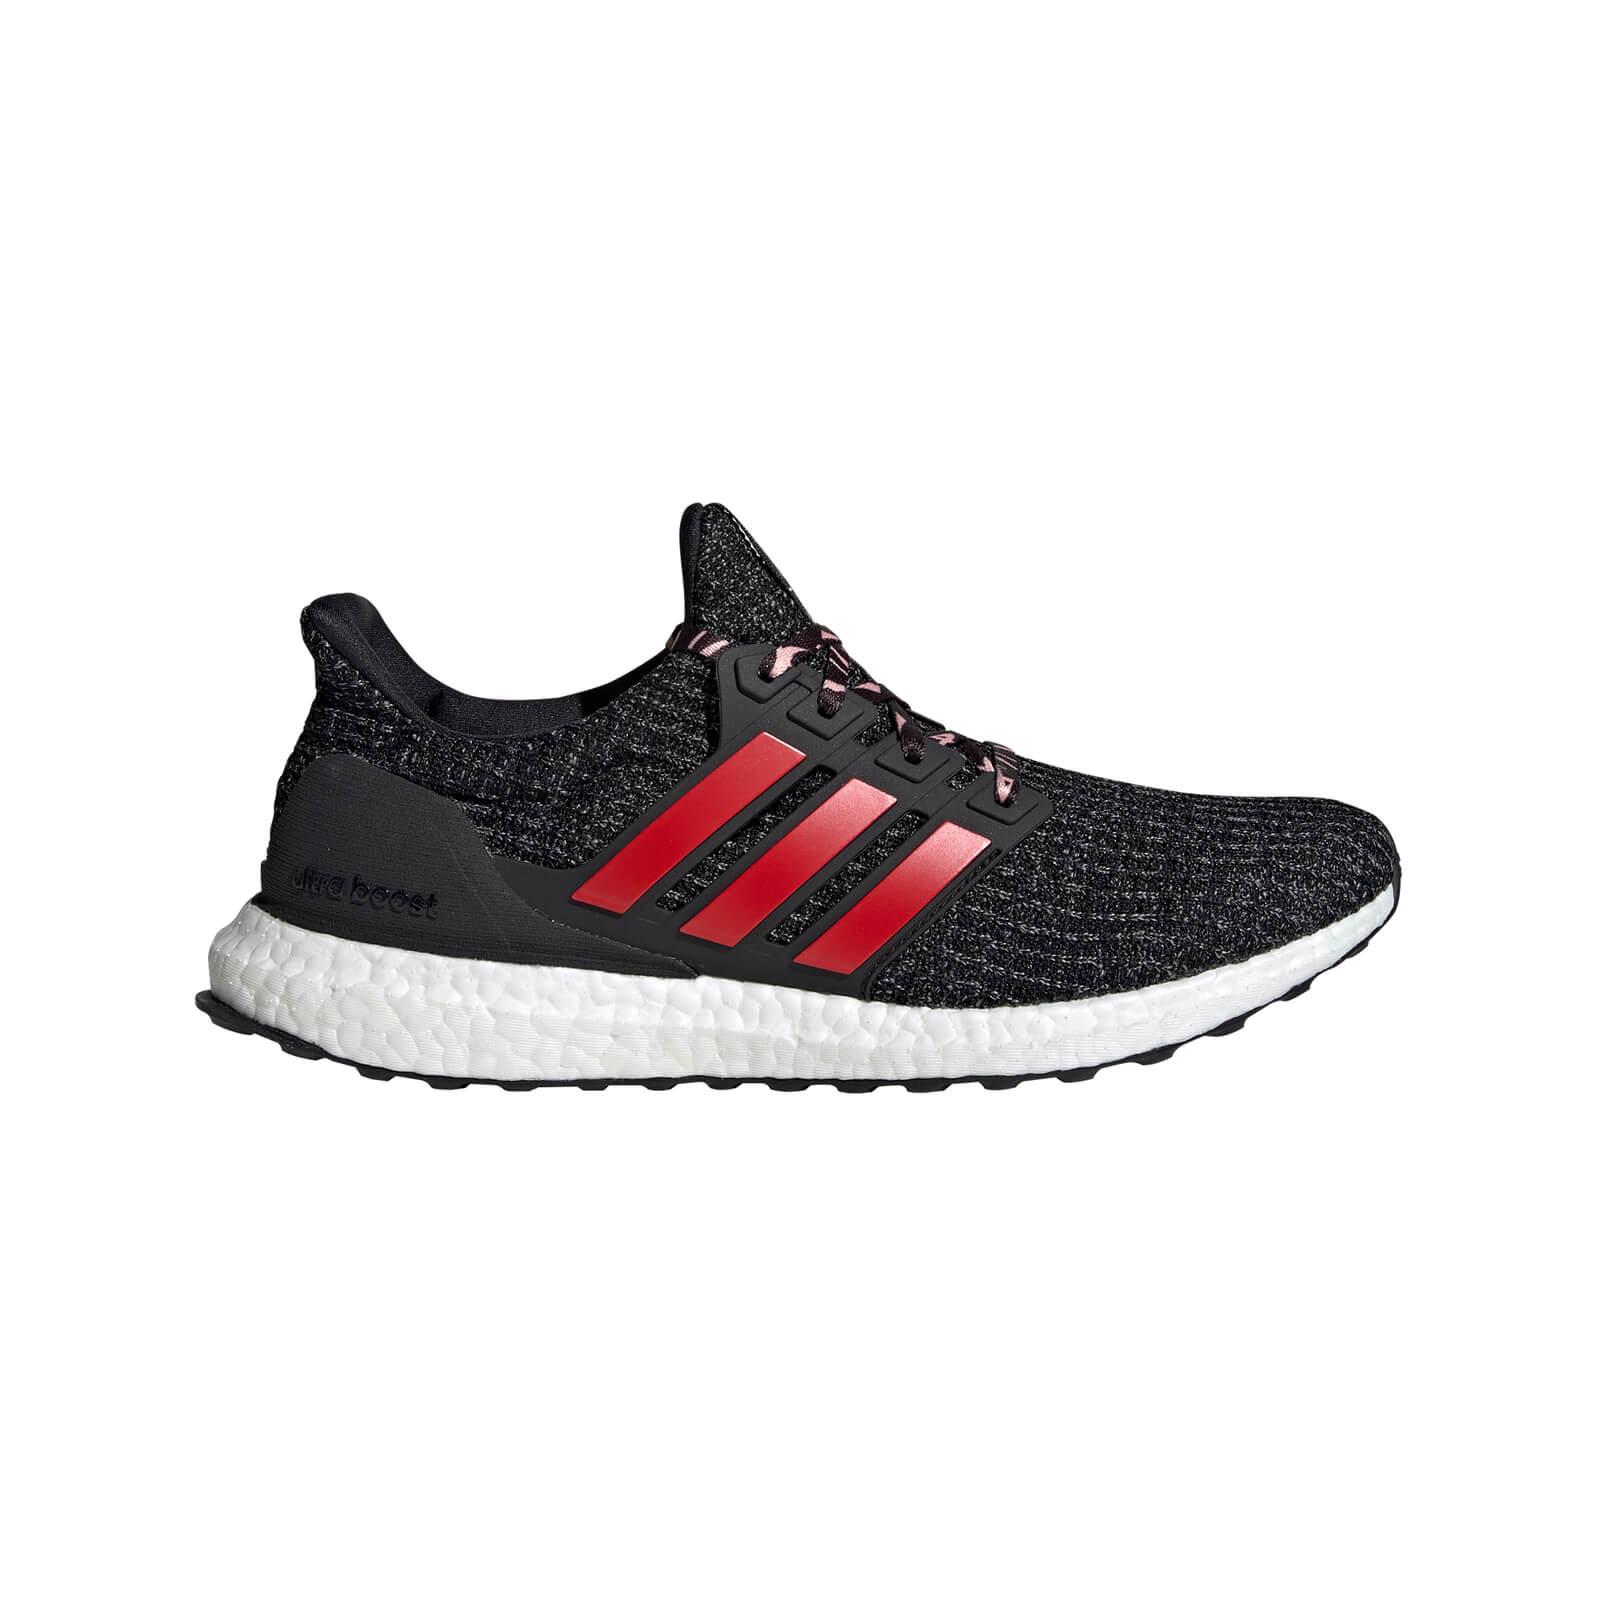 b1d976822a5d adidas Men s Ultraboost Running Shoes - Black Scarlet